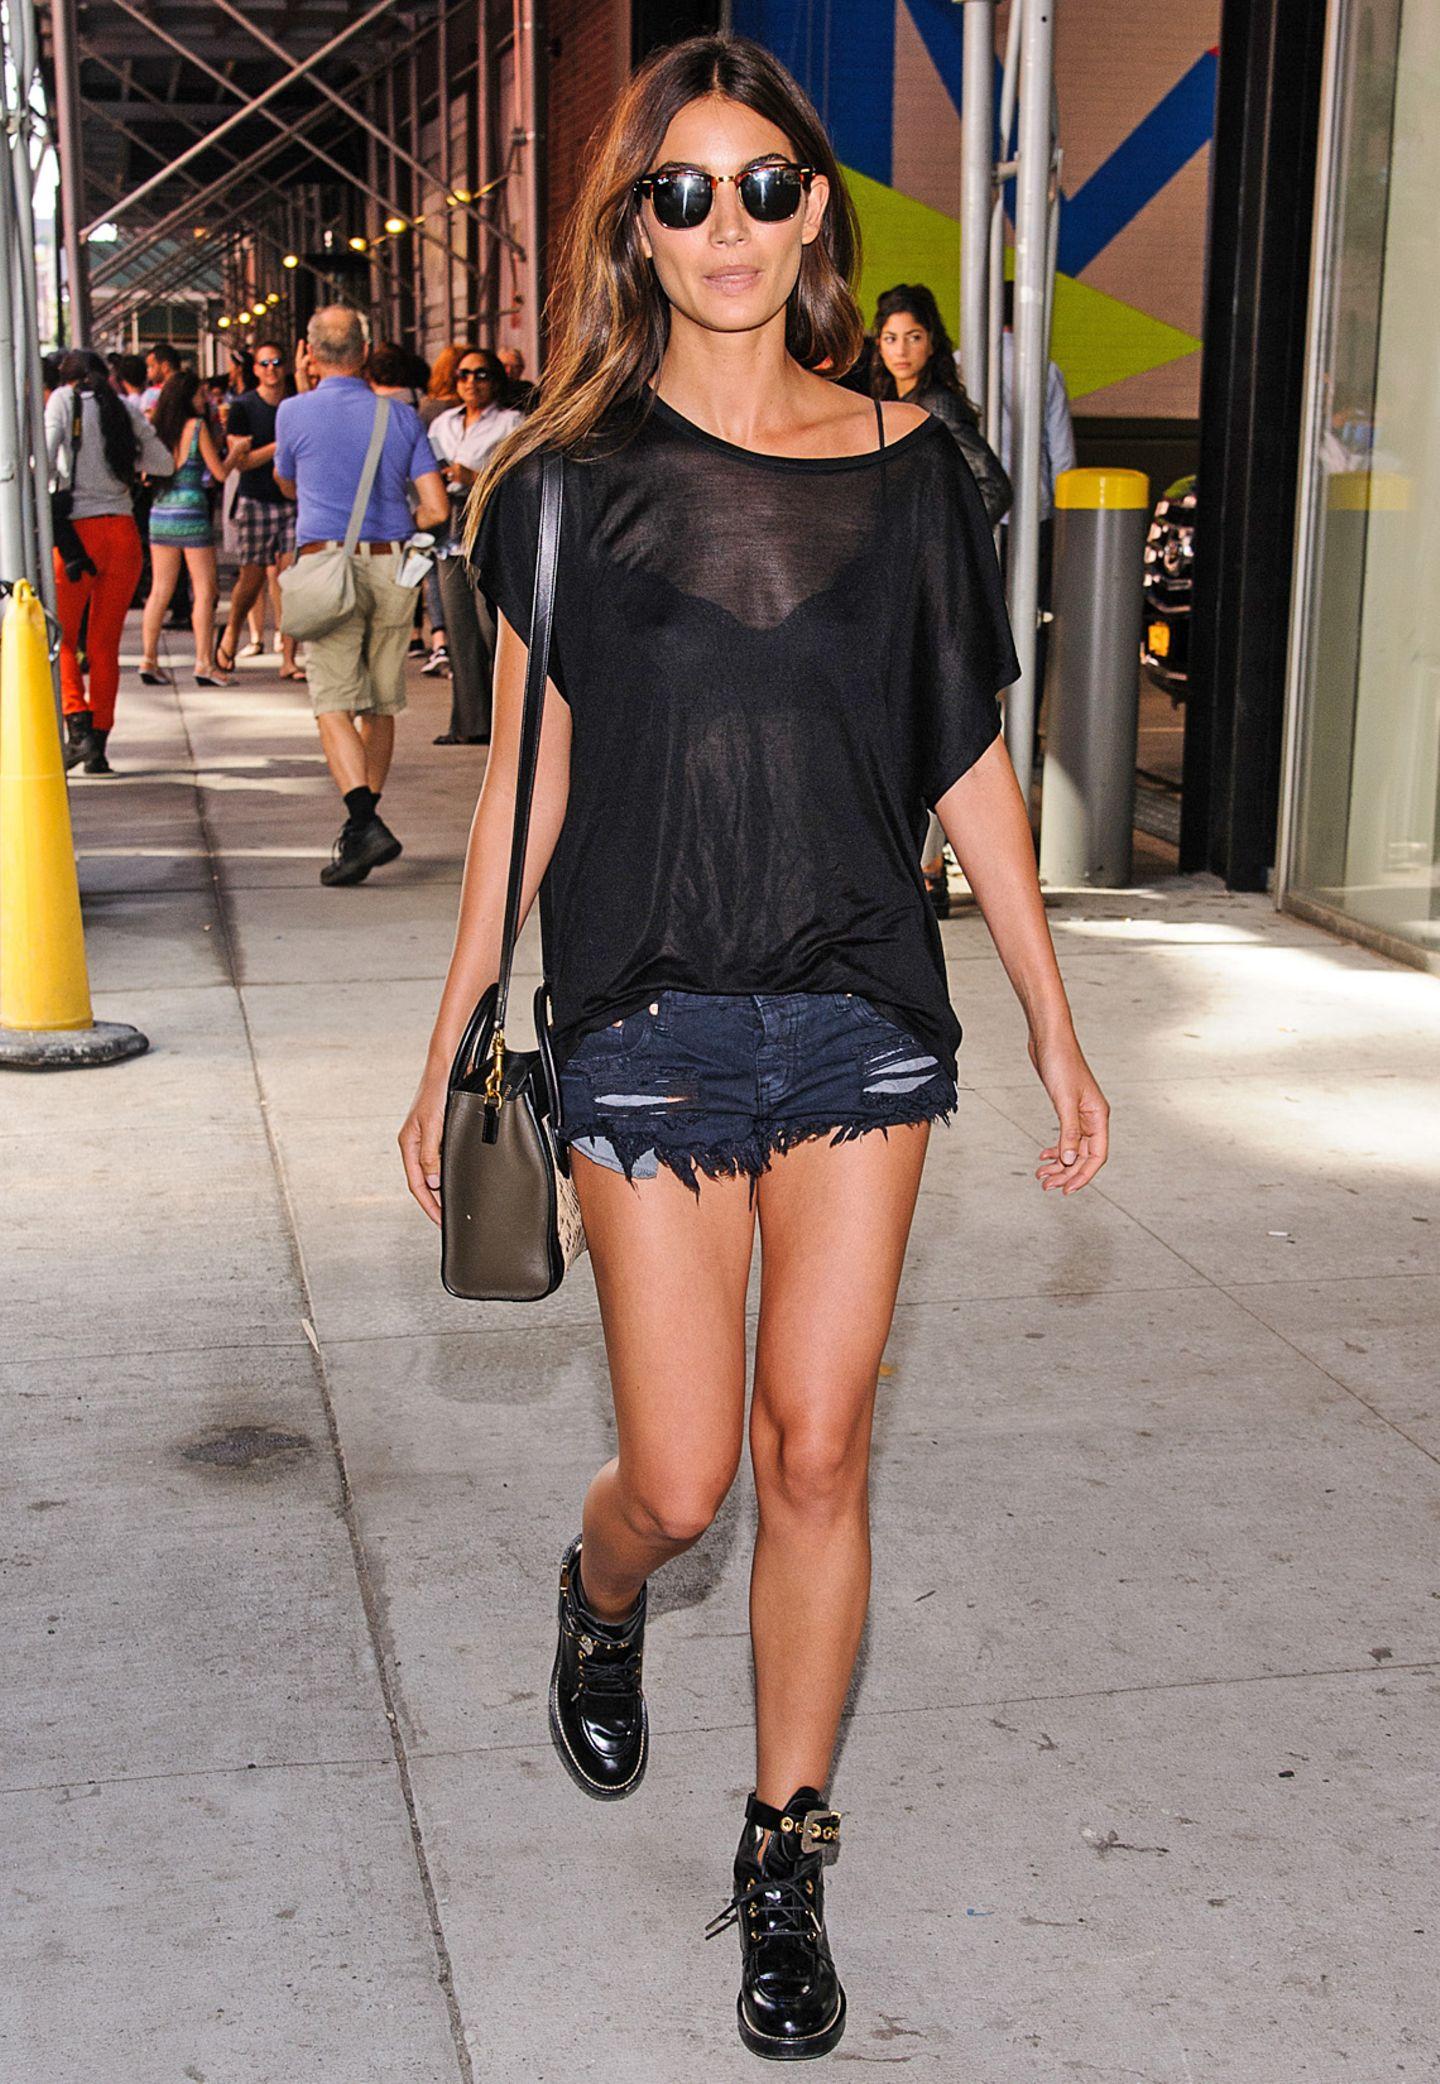 Der Evergreen: Ein paar Shorts zu langen, schlanken Beinen ist für Stars wie Lily Aldridge ein Dauerbrenner in Sachen Styling.